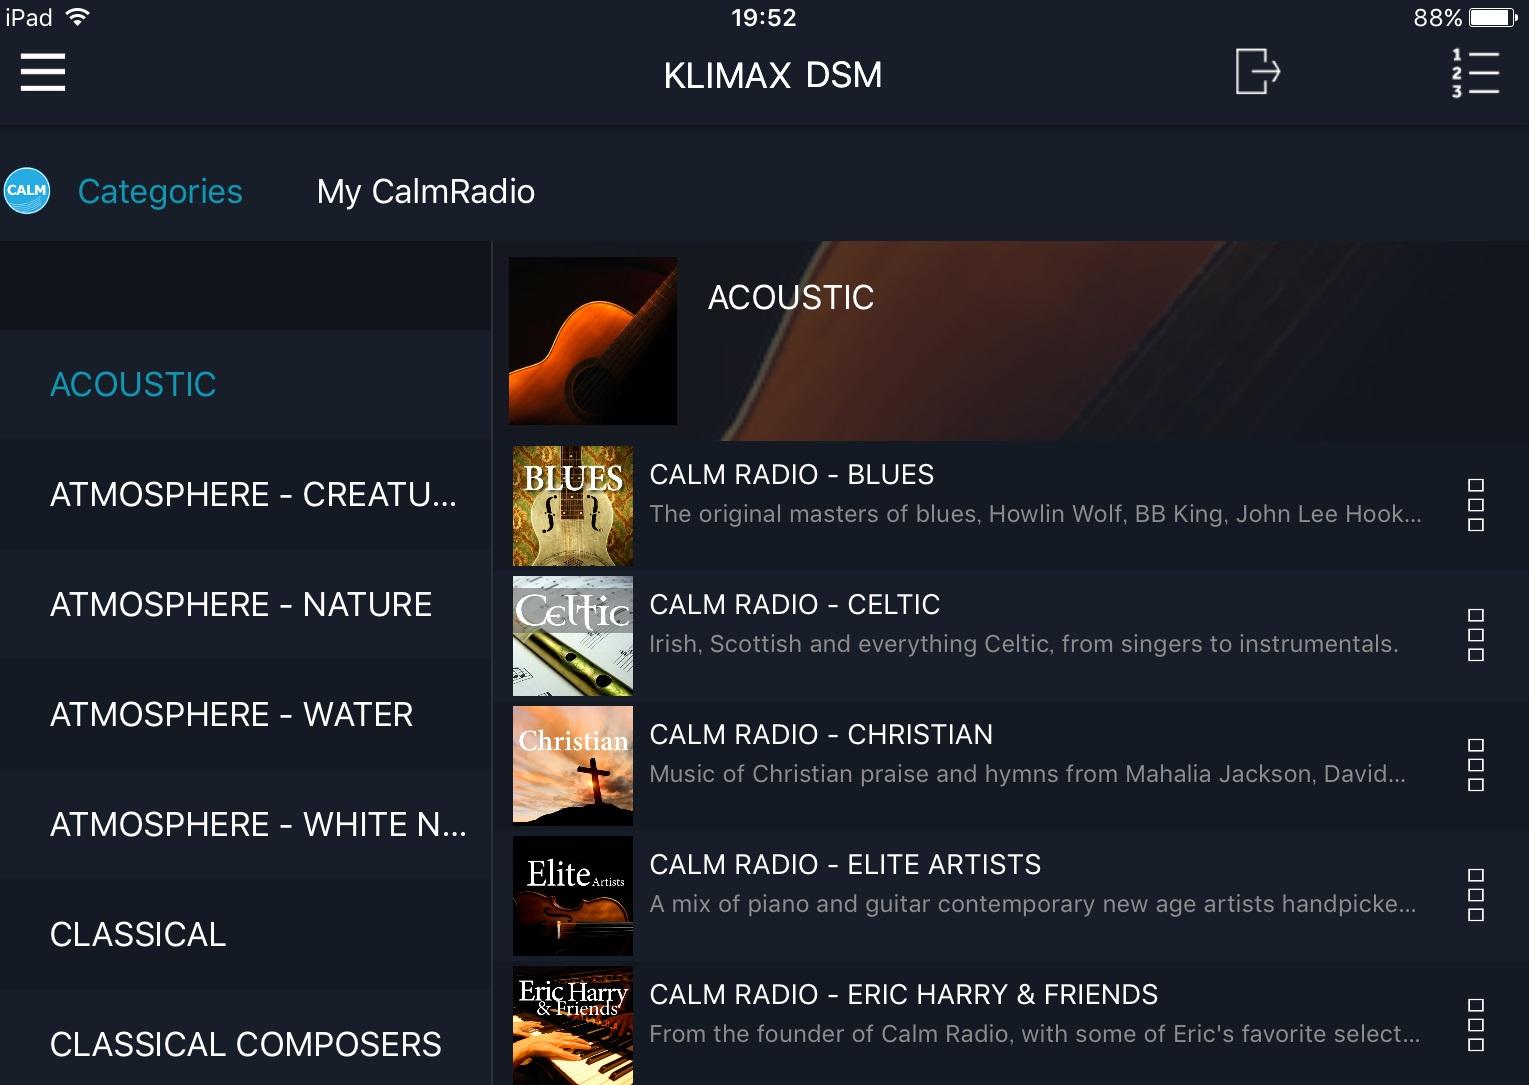 KLIMAX 350A